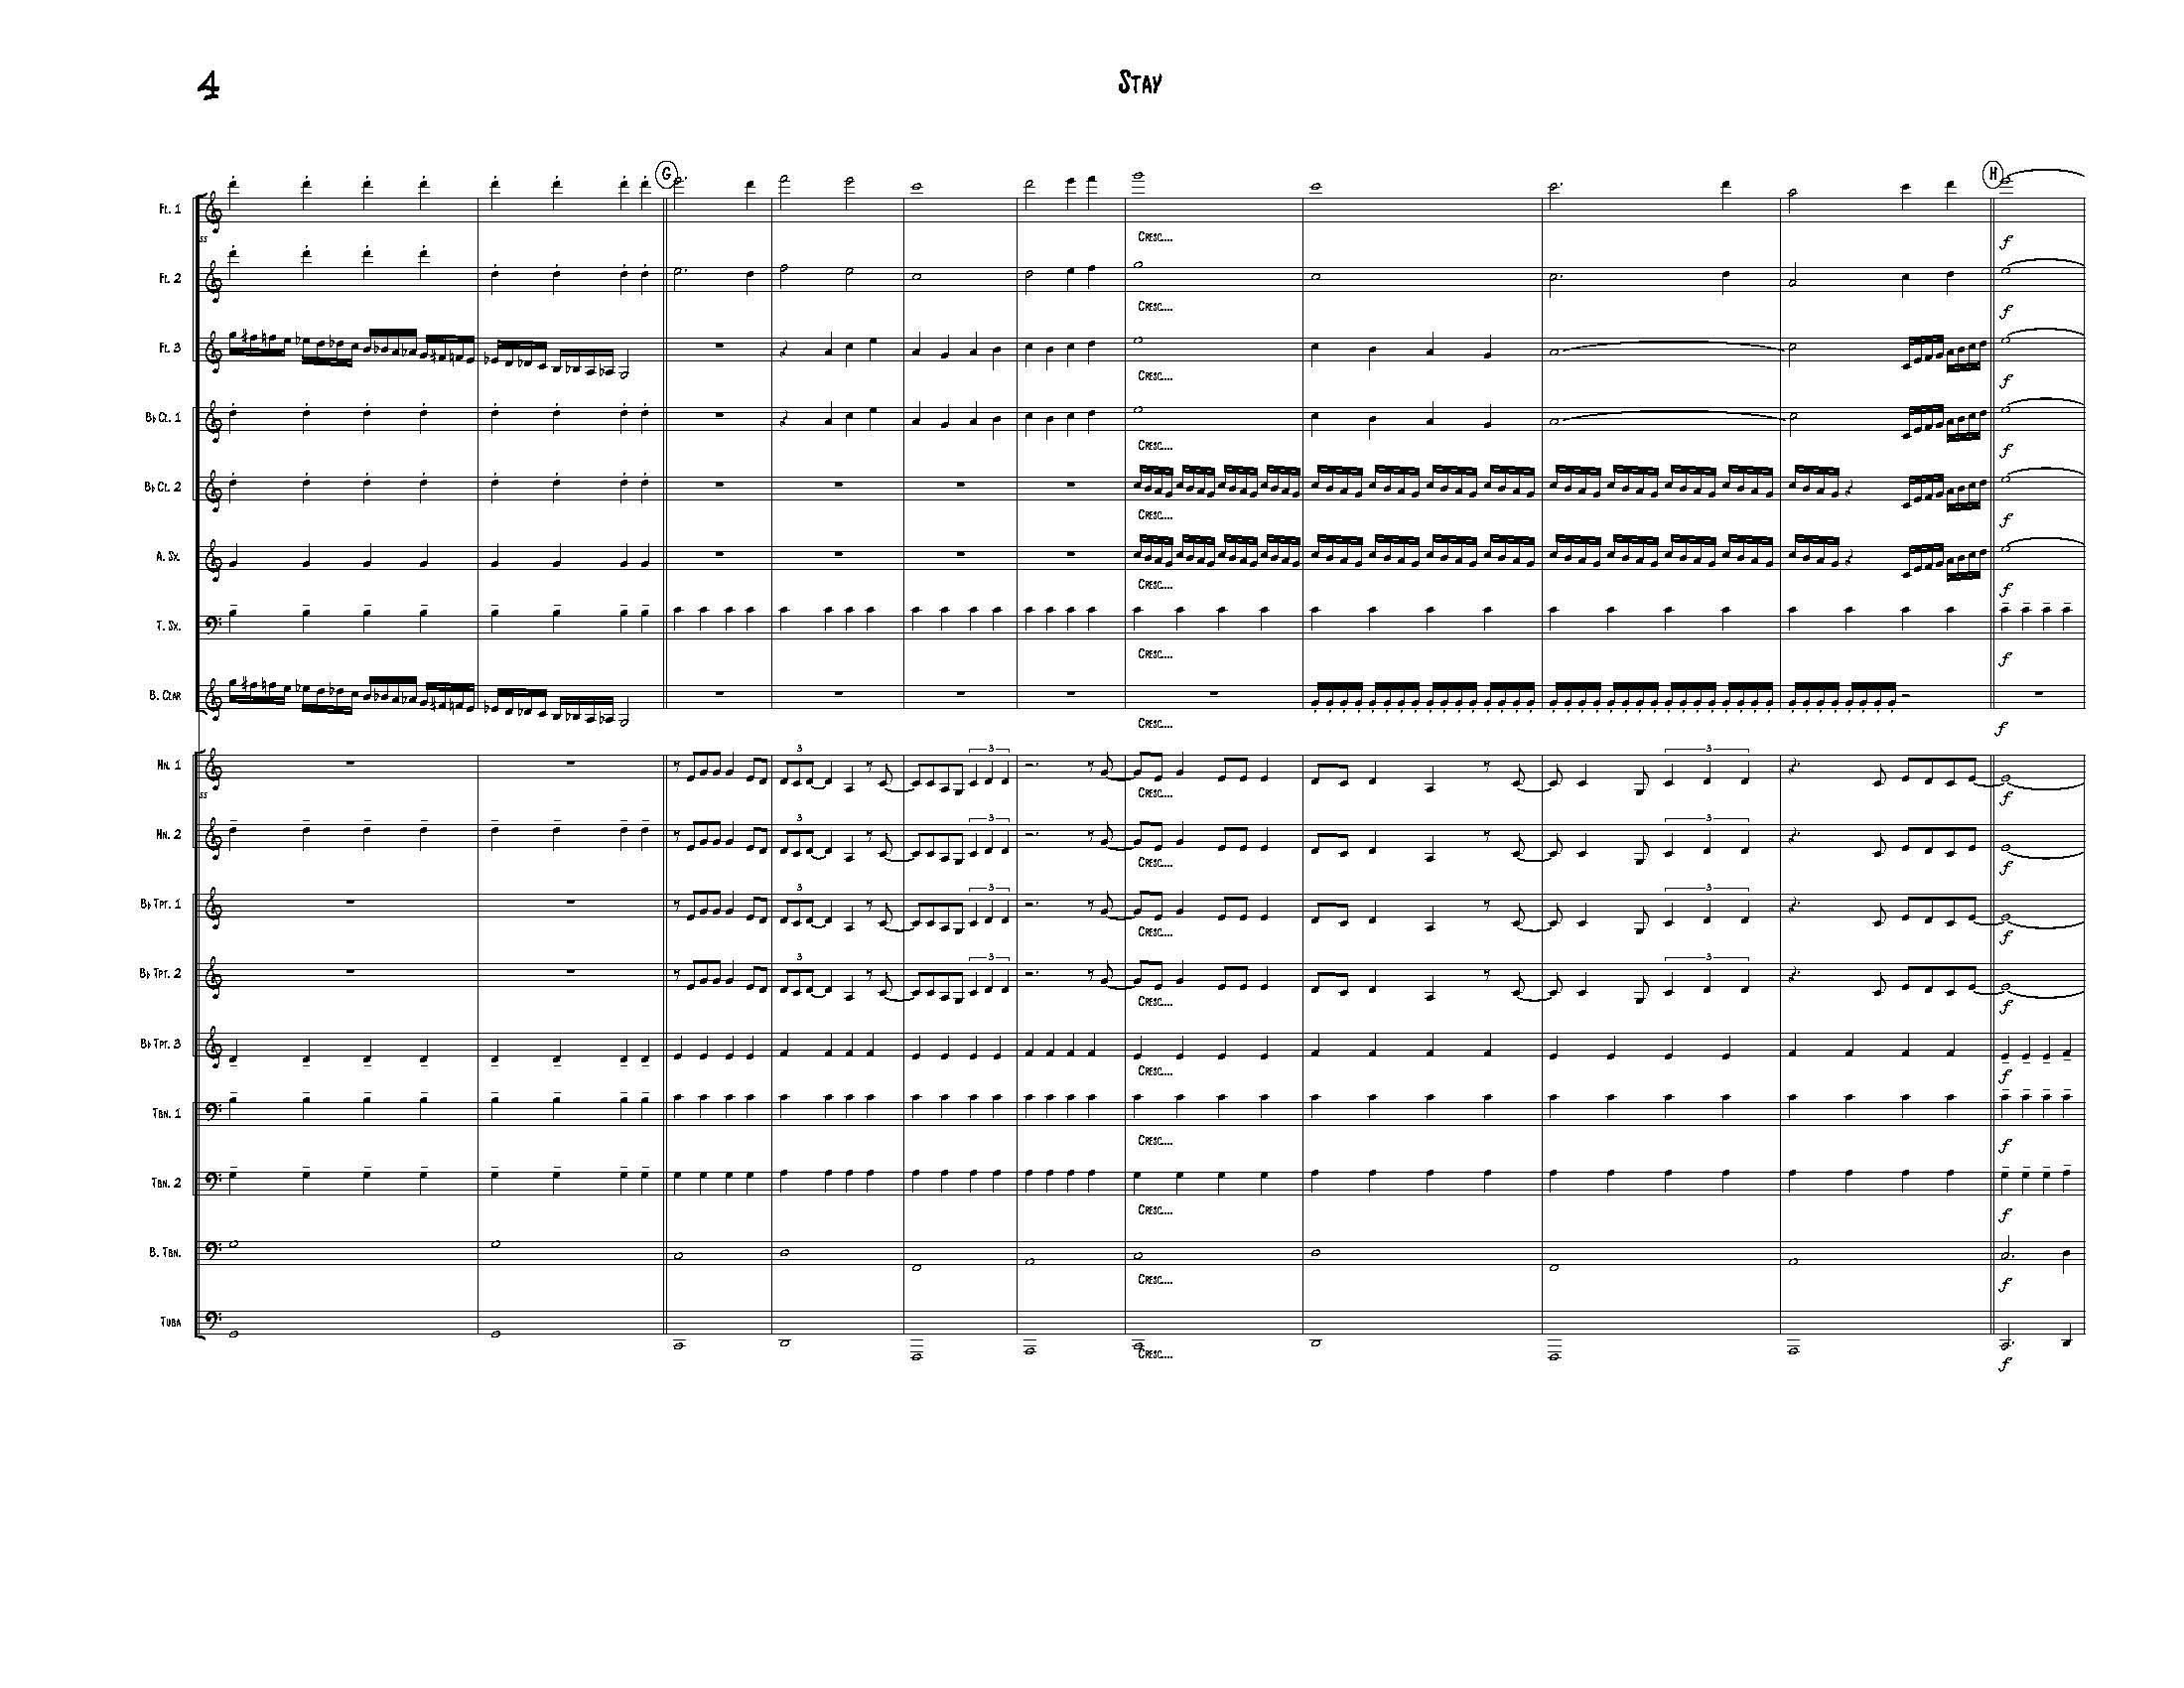 Stay BKLYN 1834 Score_Page_4.jpg